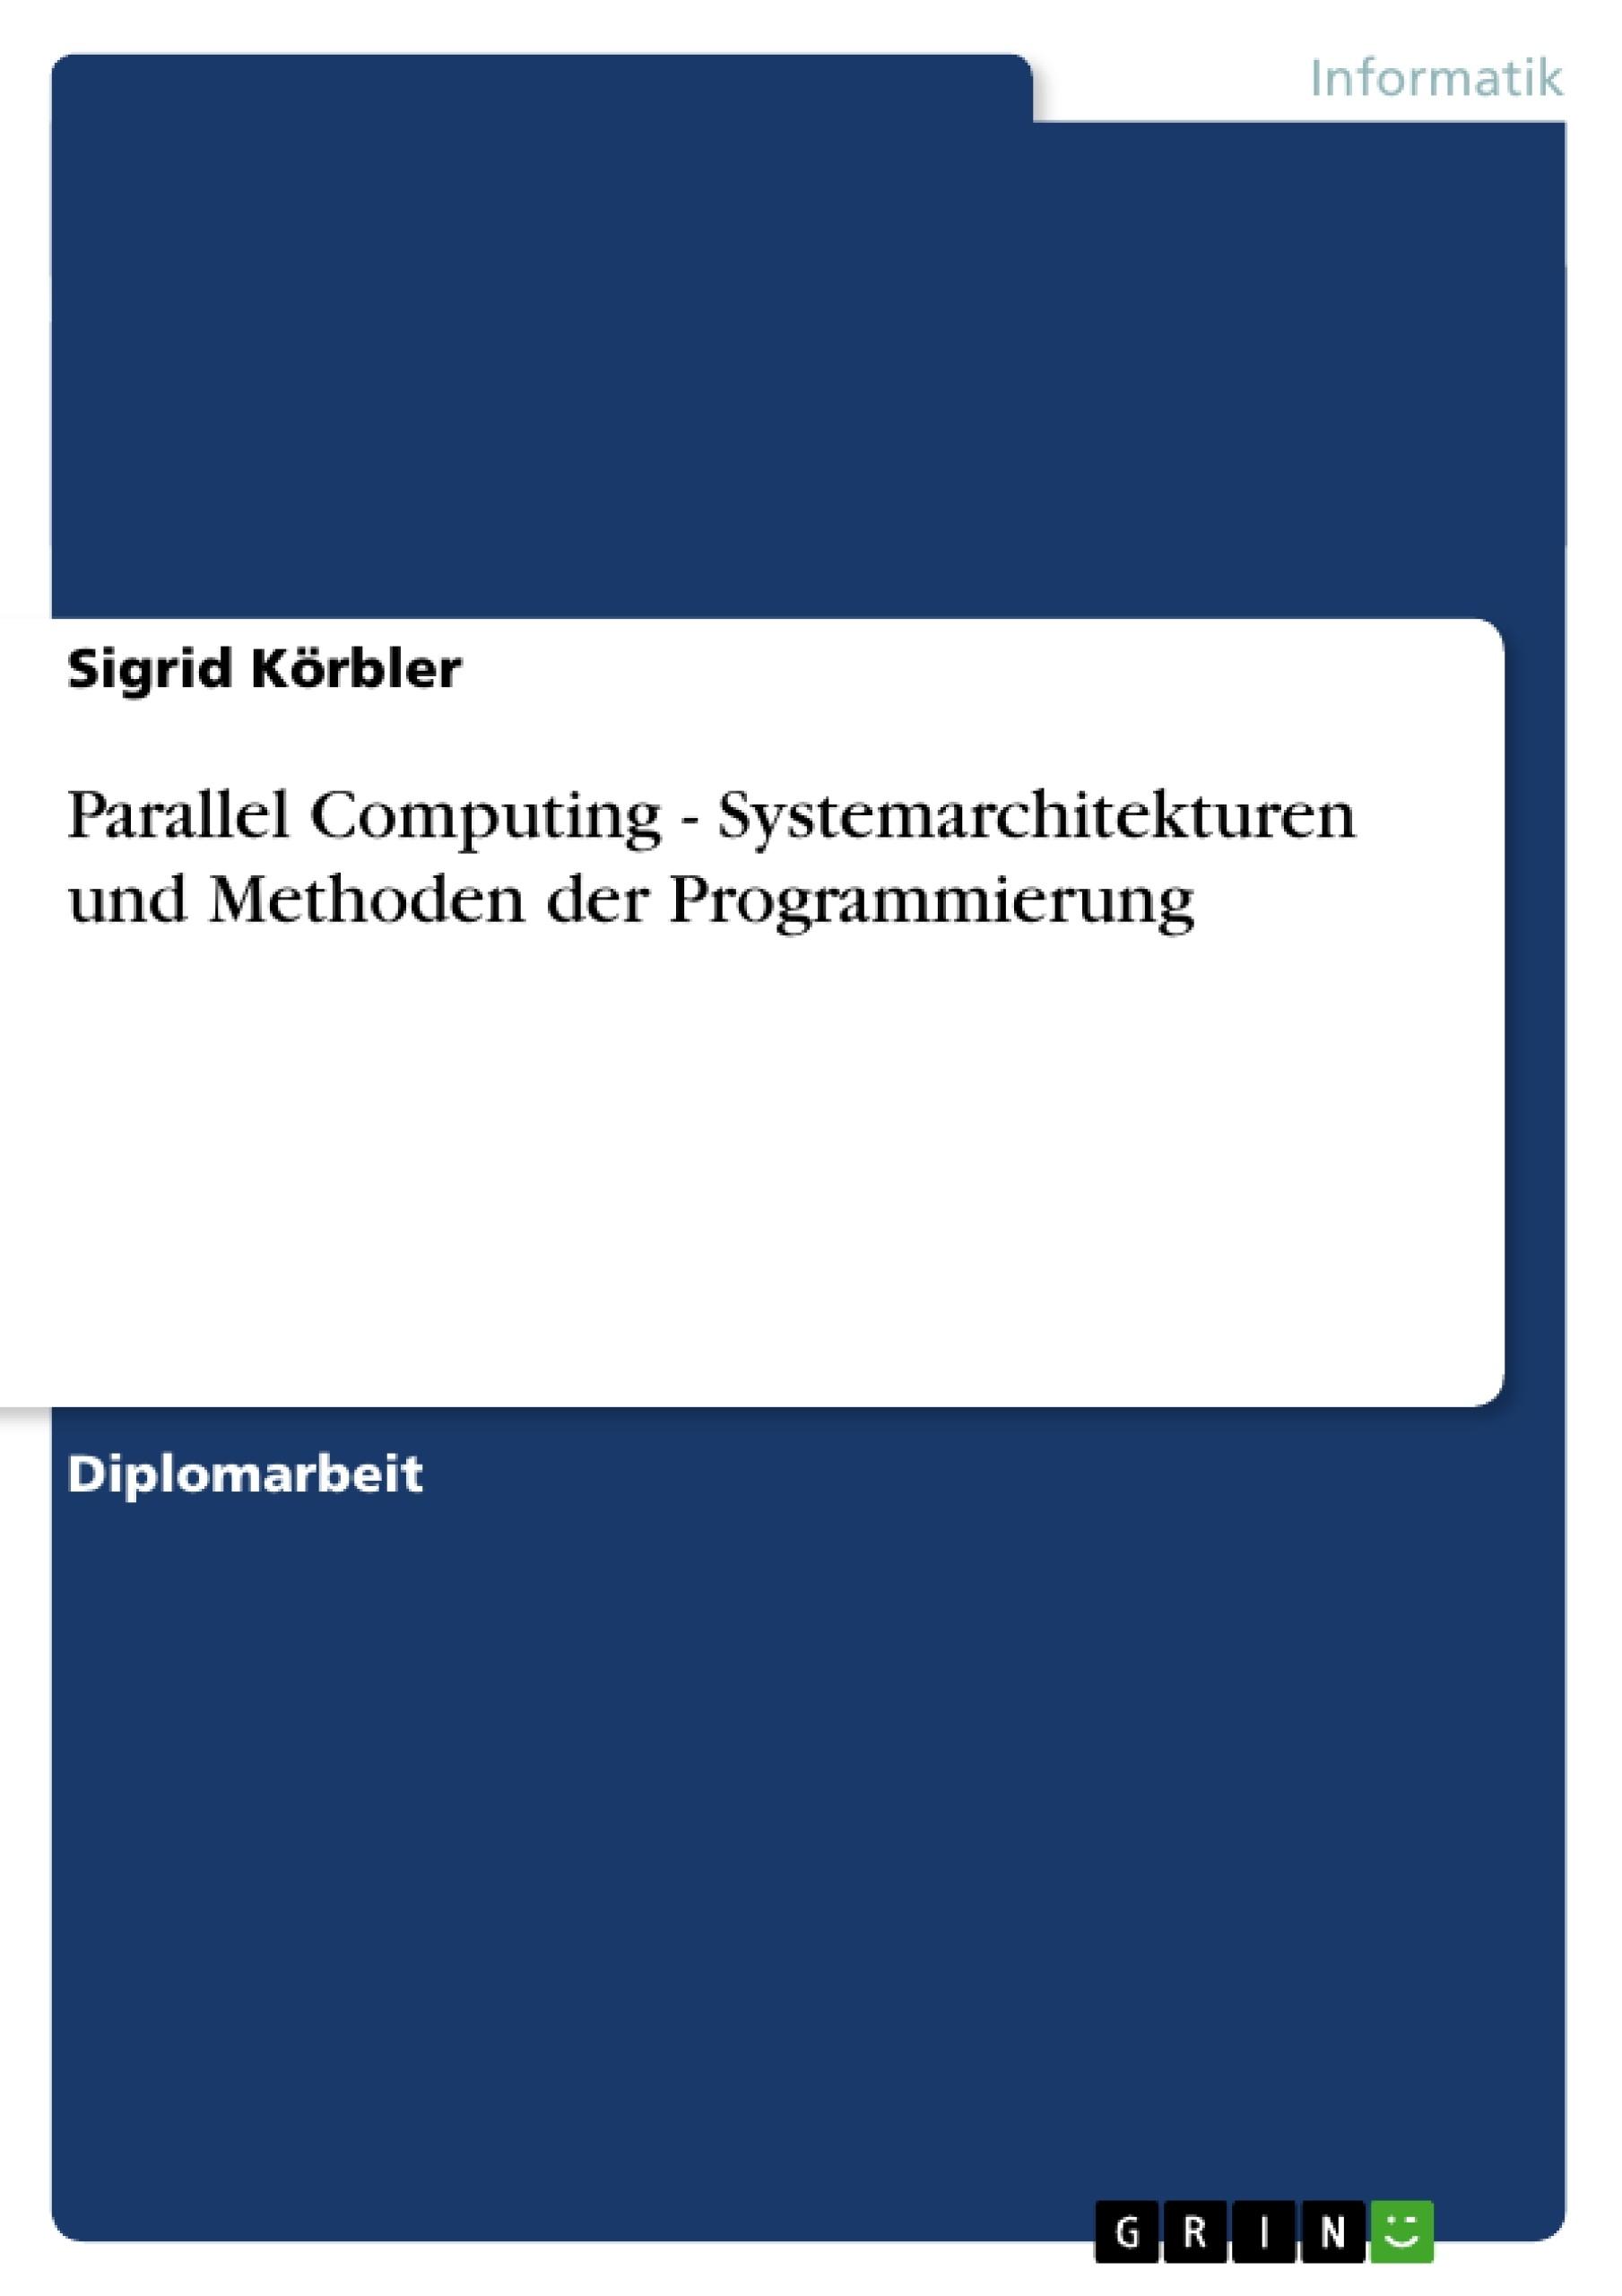 Titel: Parallel Computing - Systemarchitekturen und Methoden der Programmierung